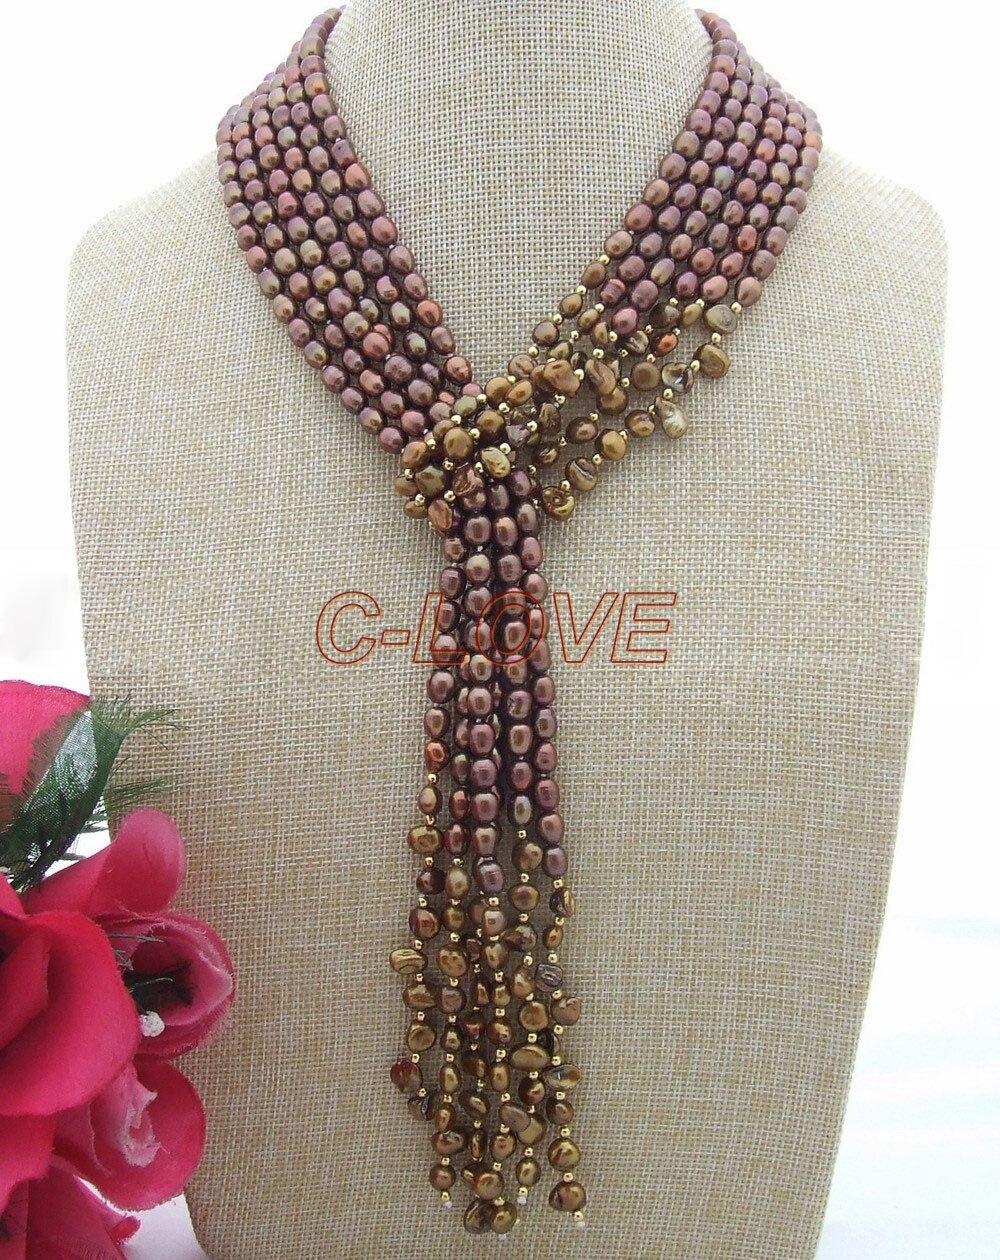 51 3 Strands Brown Rice Keshi Freshwater Pearl Necklace51 3 Strands Brown Rice Keshi Freshwater Pearl Necklace